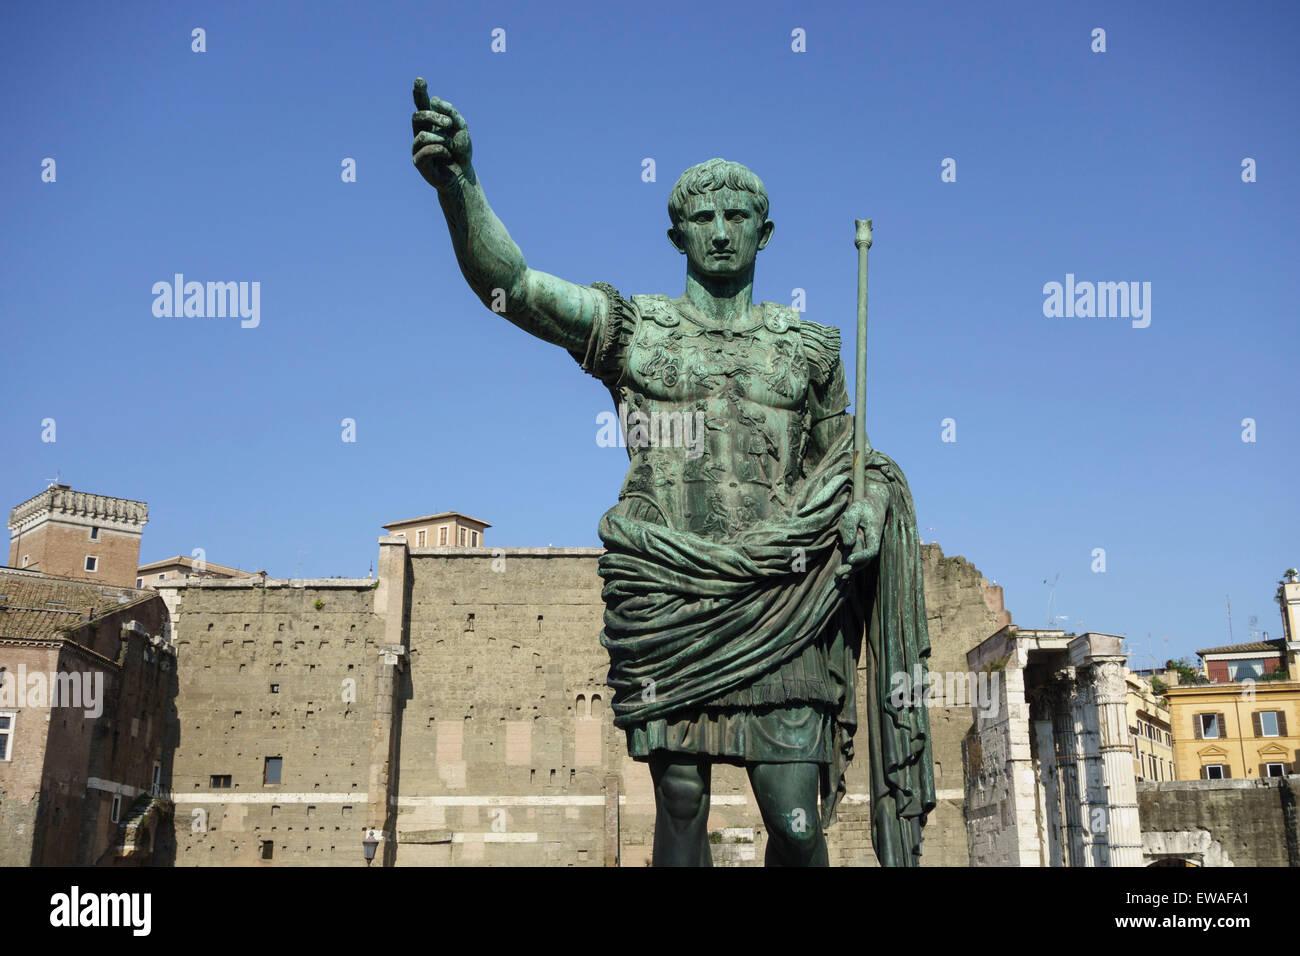 Statue of Roman Emperor Augustus on the via dei Fori Imperiali Stock Photo